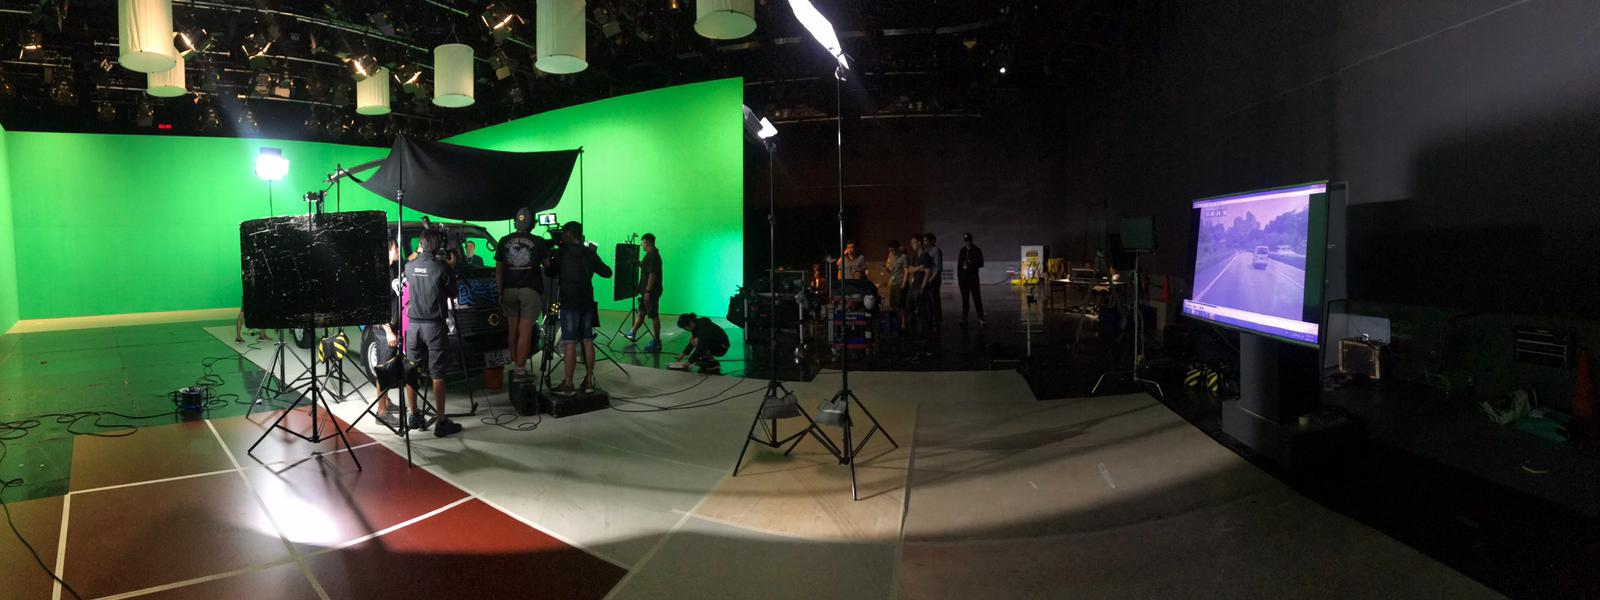 Panorama Studio02-10-49-44.jpg